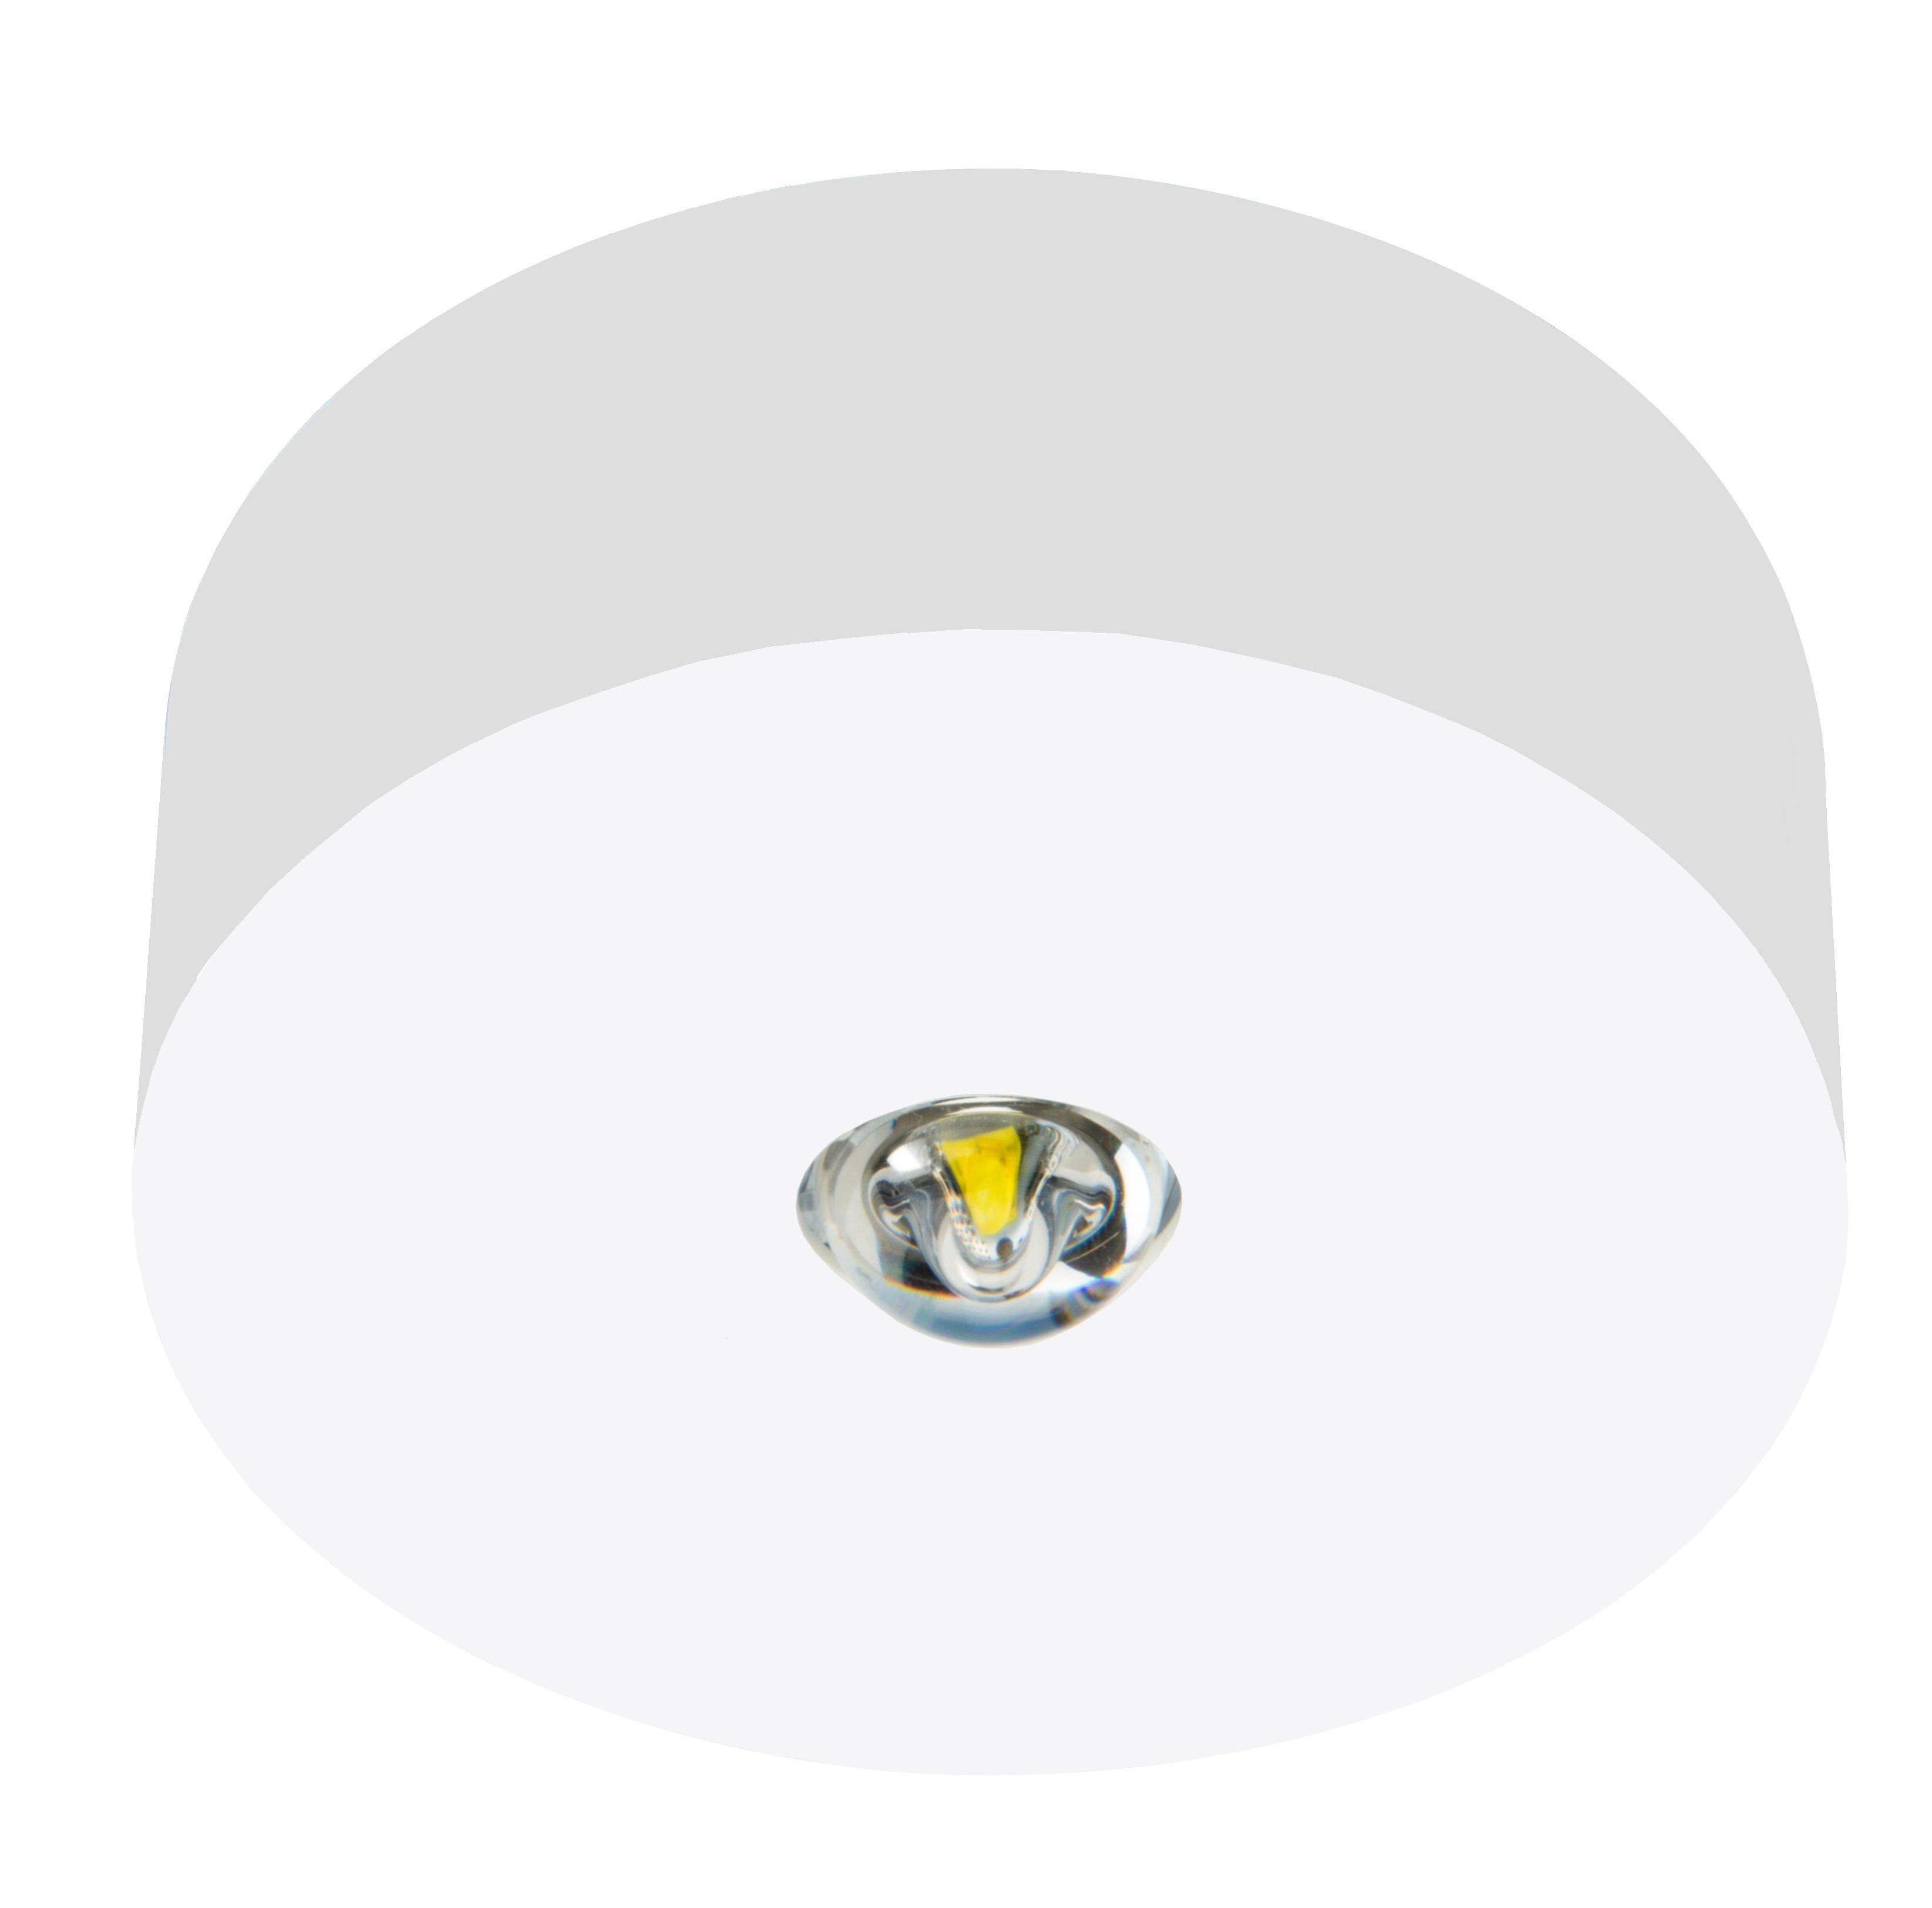 1 Stk Notleuchte IL Autotest 1x3W ERT-LED 3h 230VAC rund NLILDR023S